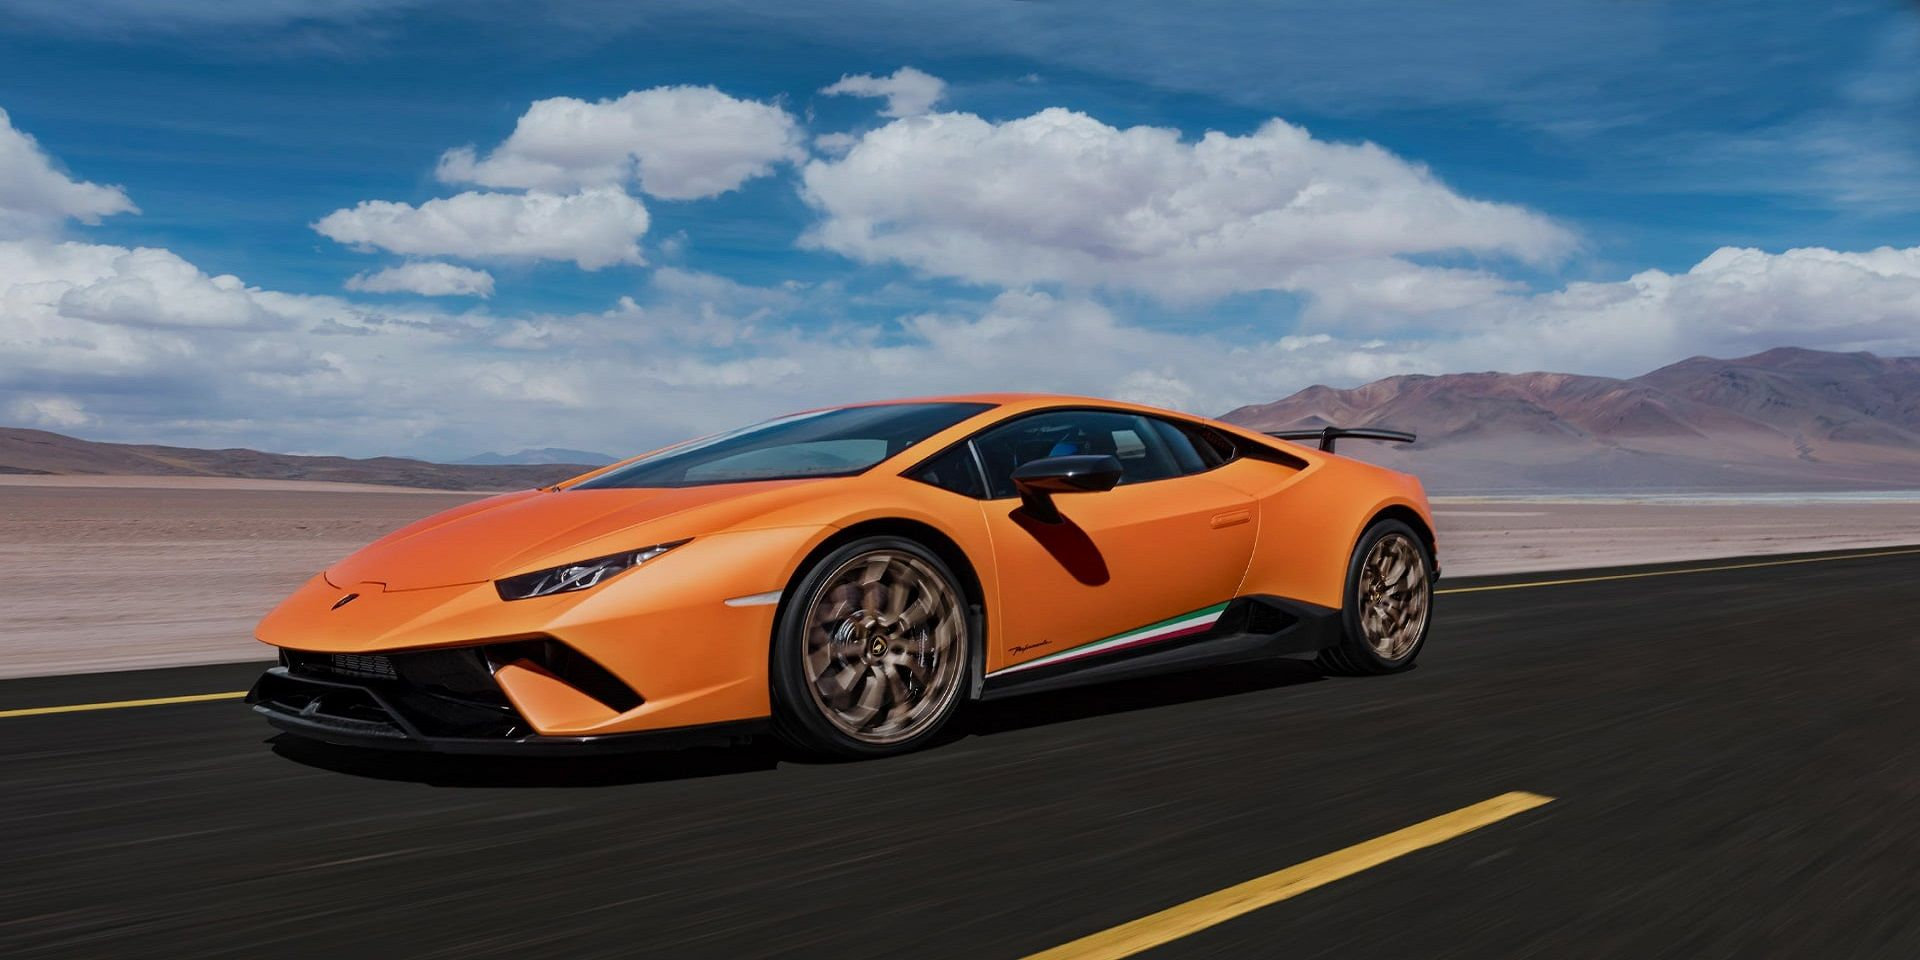 Lamborghini's Hot New Supercar The 2018 Huracan ...